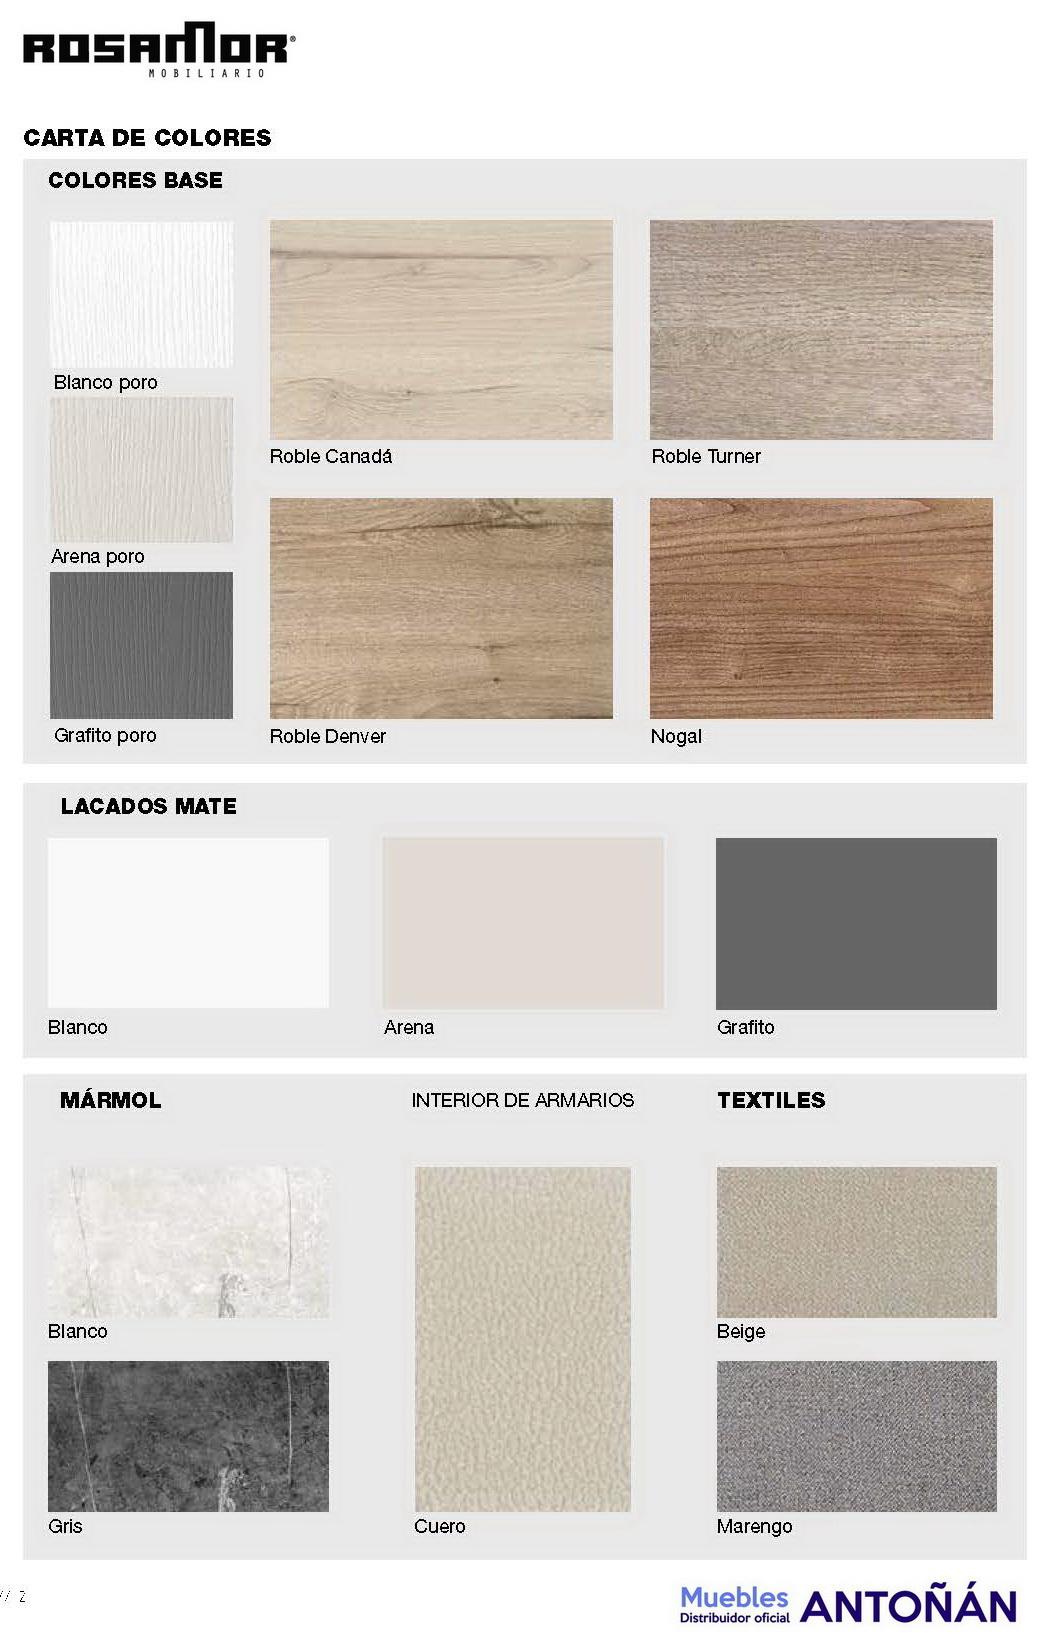 colores catálogo de dormitorios by Rosamor en muebles antoñán® León